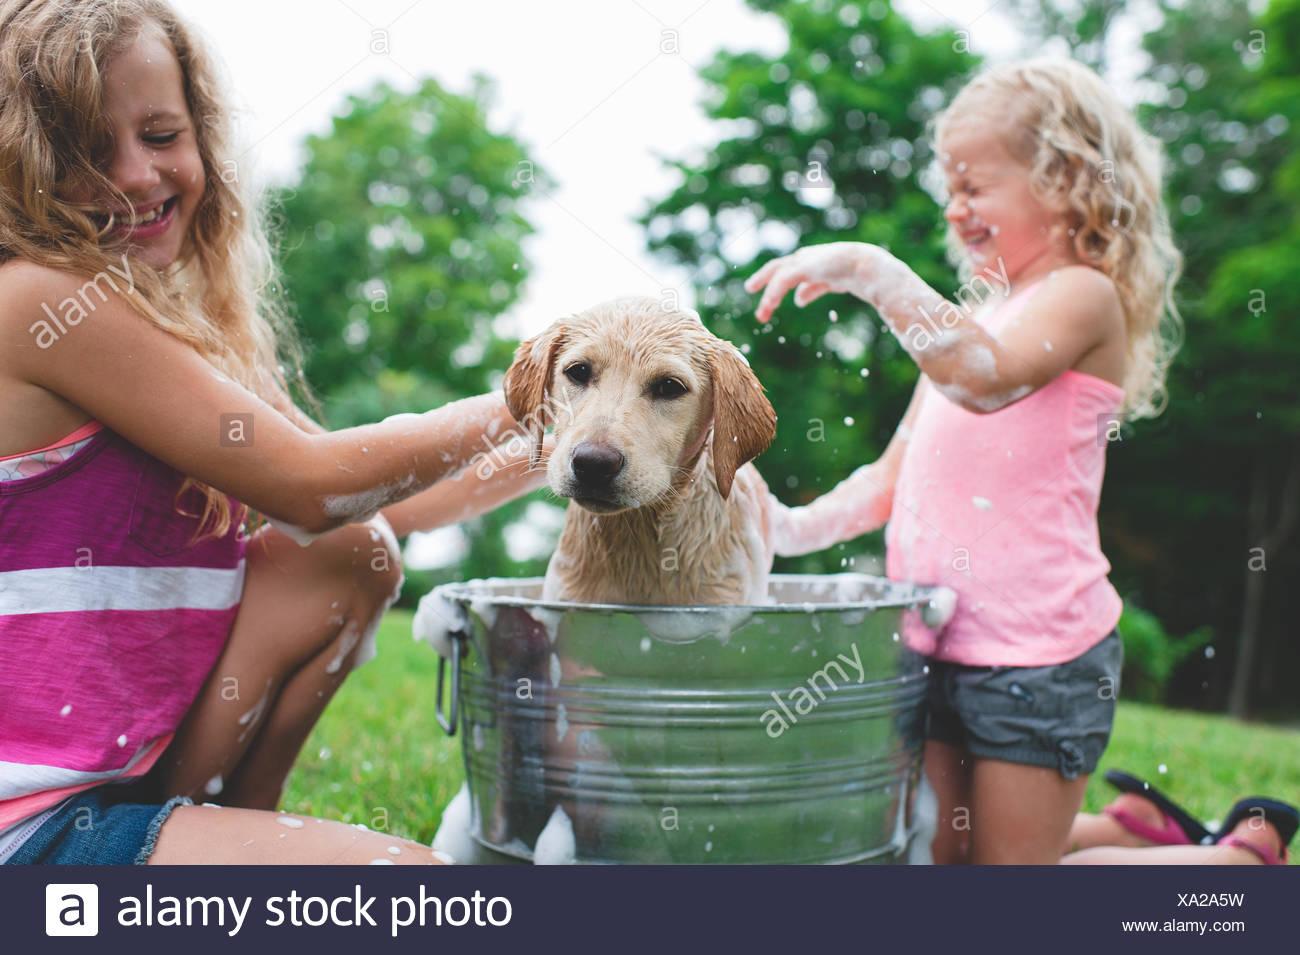 Labrador Retriever Welpen in Eimer schütteln Badewasser bei Schwestern Stockbild